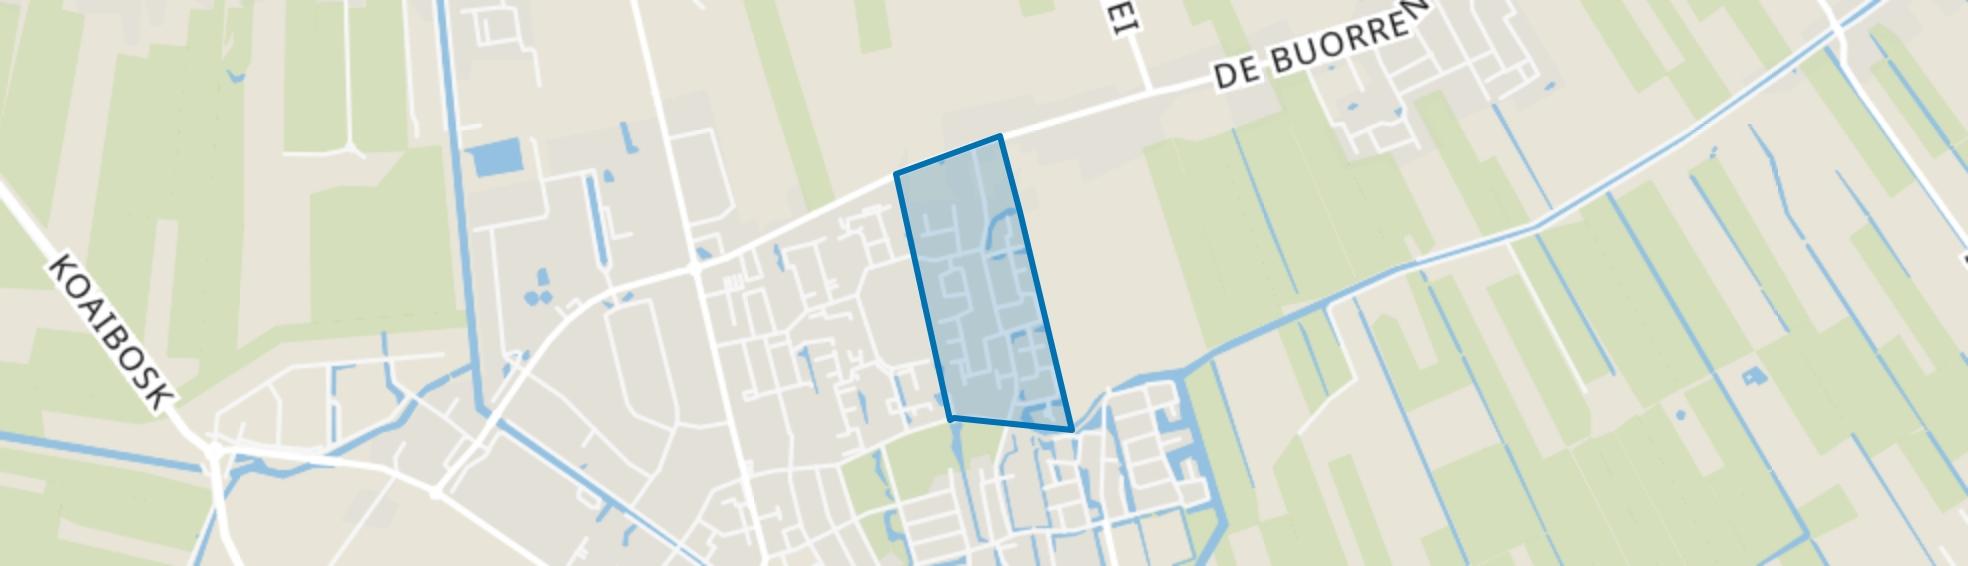 Gorredijk-Bloemenwijk, Gorredijk map